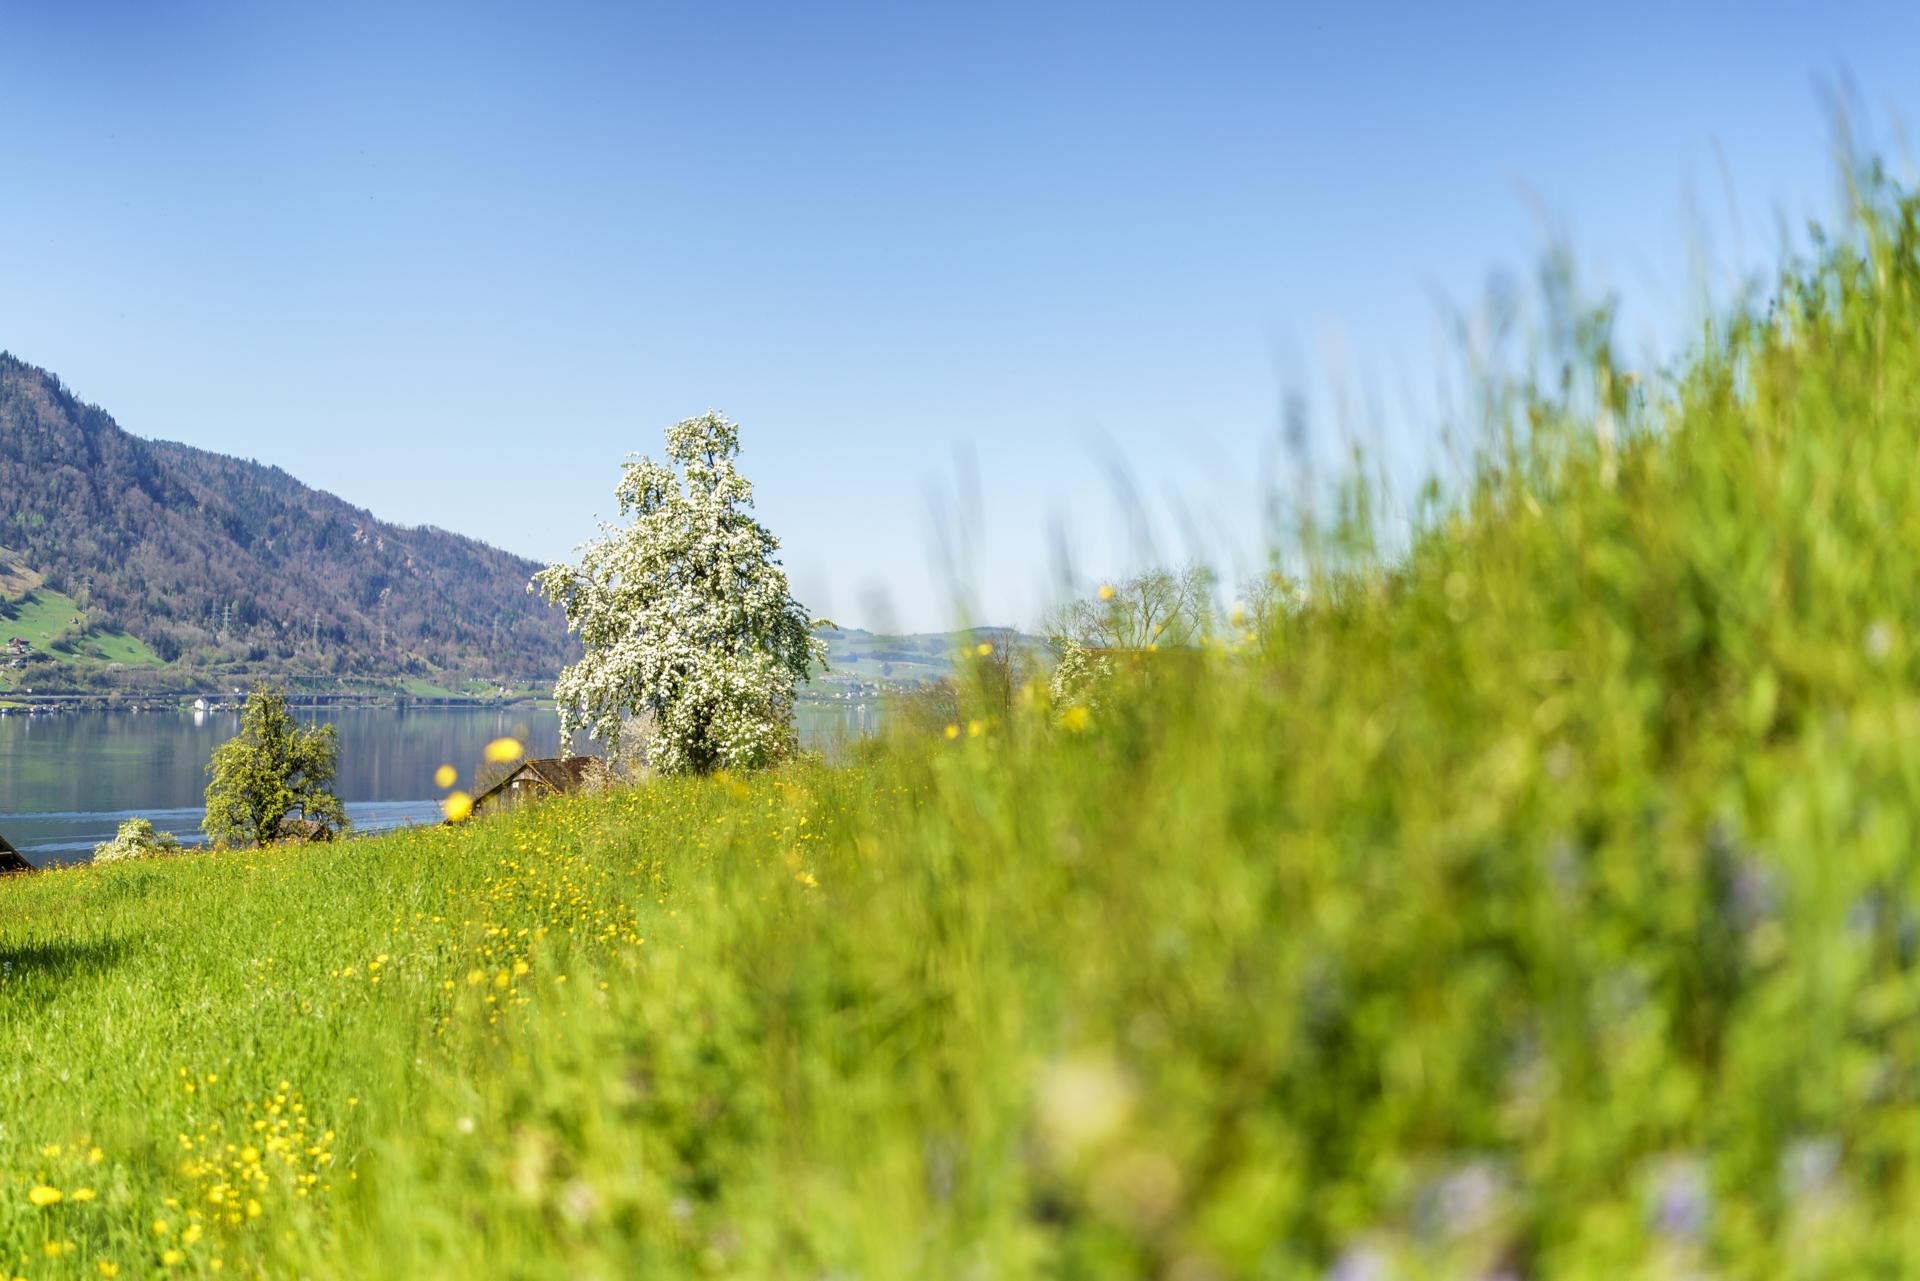 Birnenbaum in Blüte